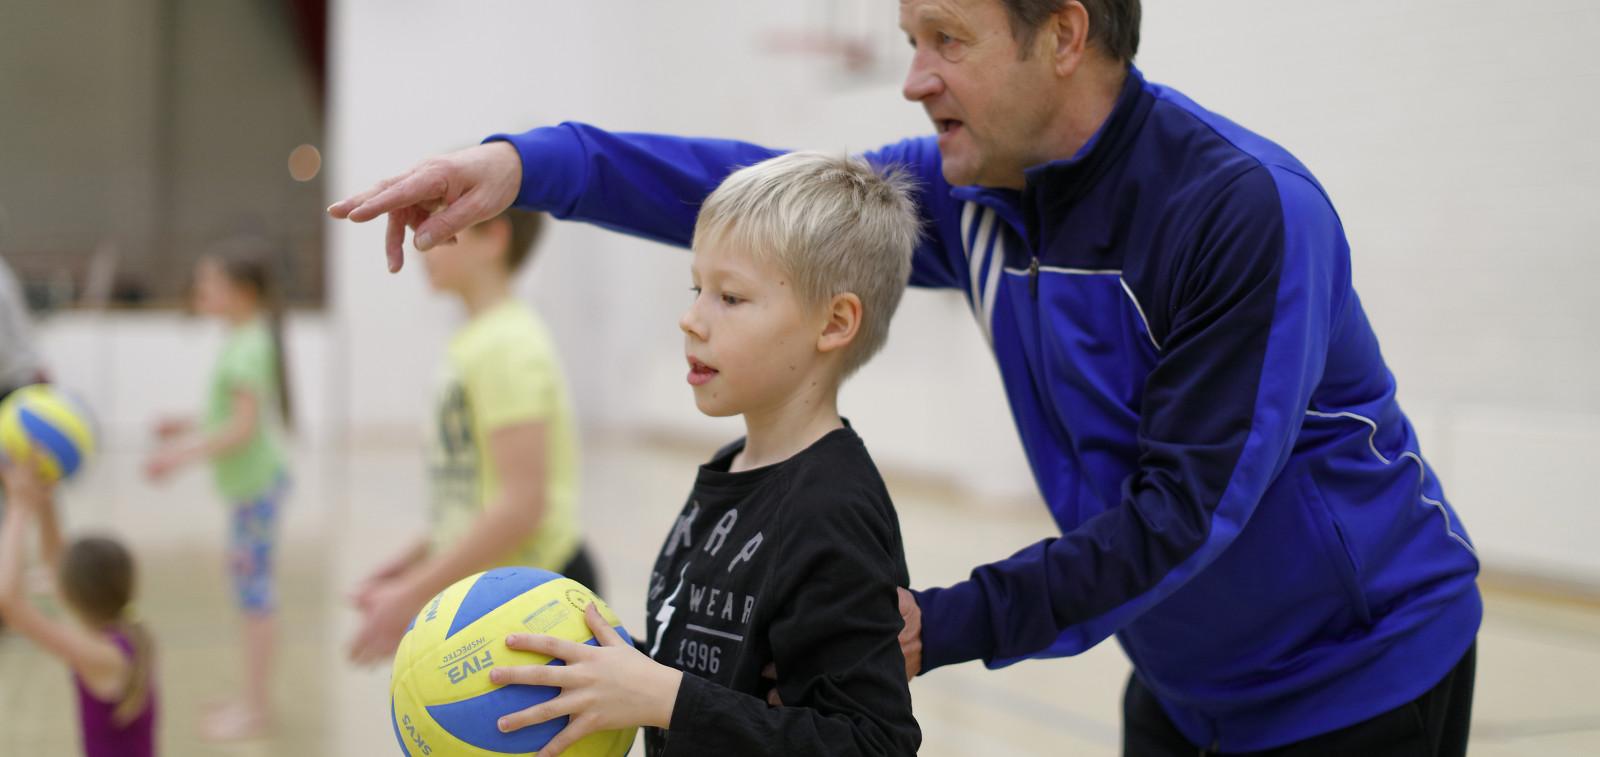 Valmentaja neuvoo poikaa koripalloharjoituksissa.